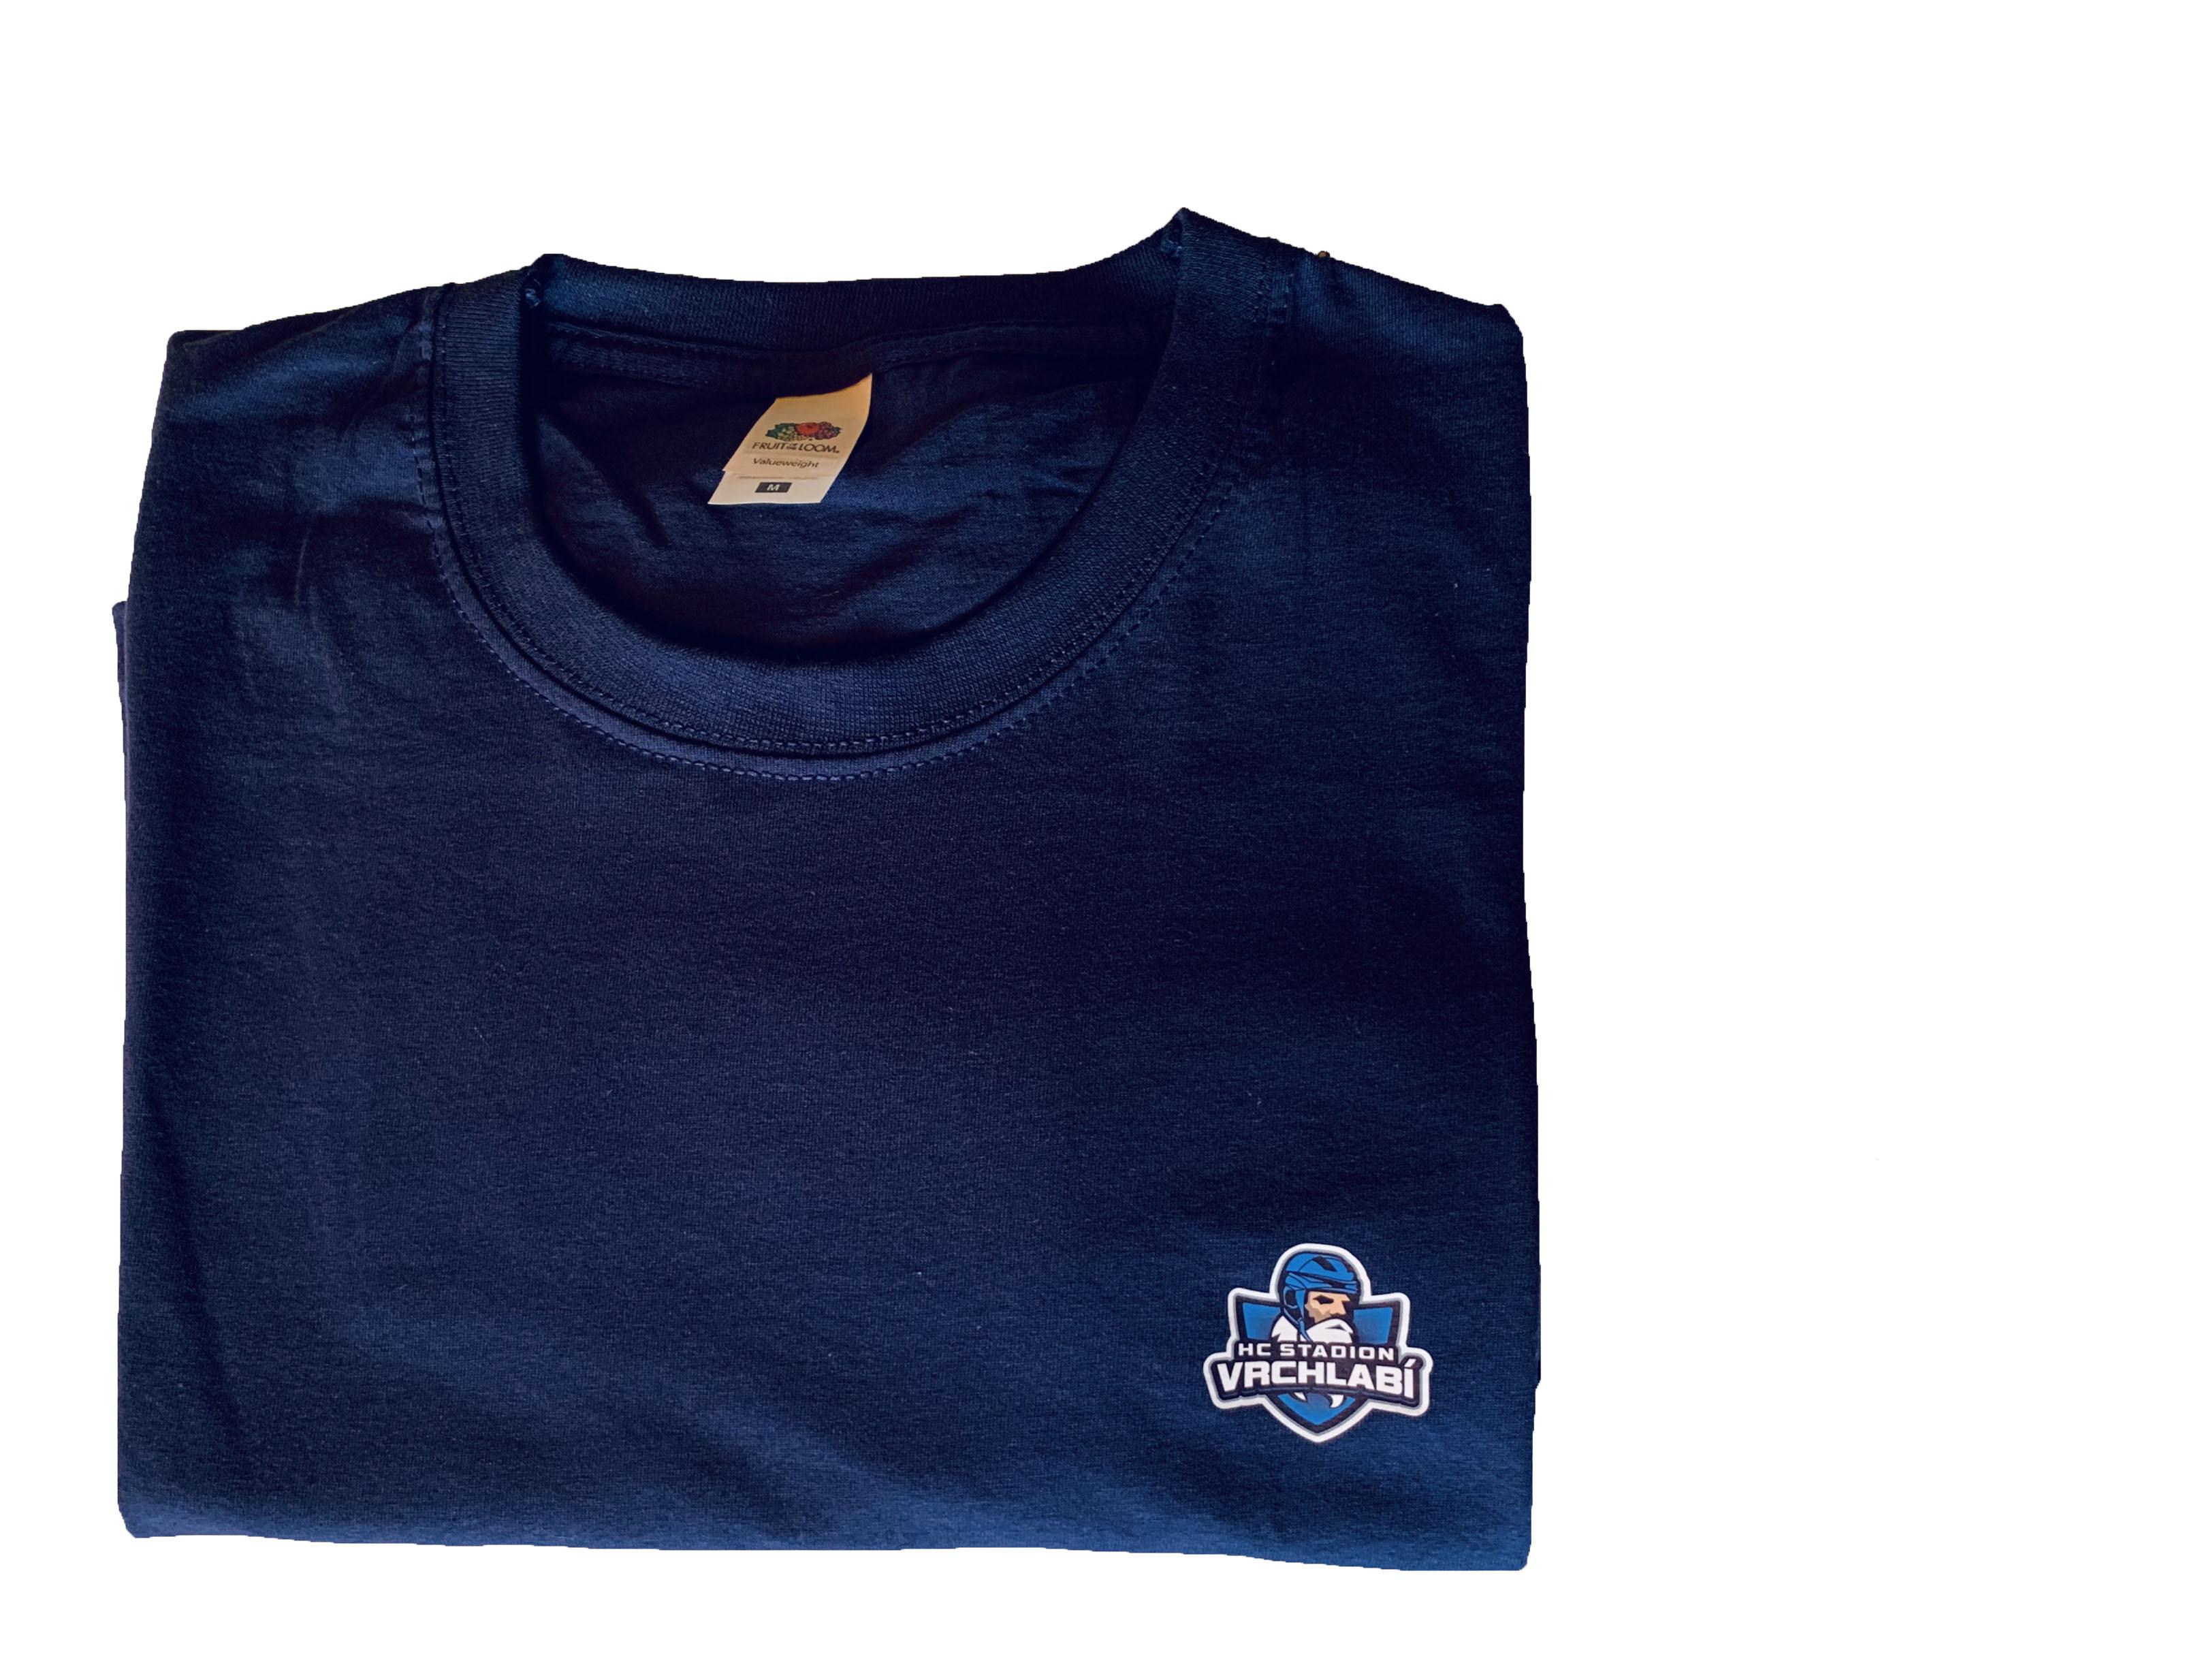 Tričko - obyčejné